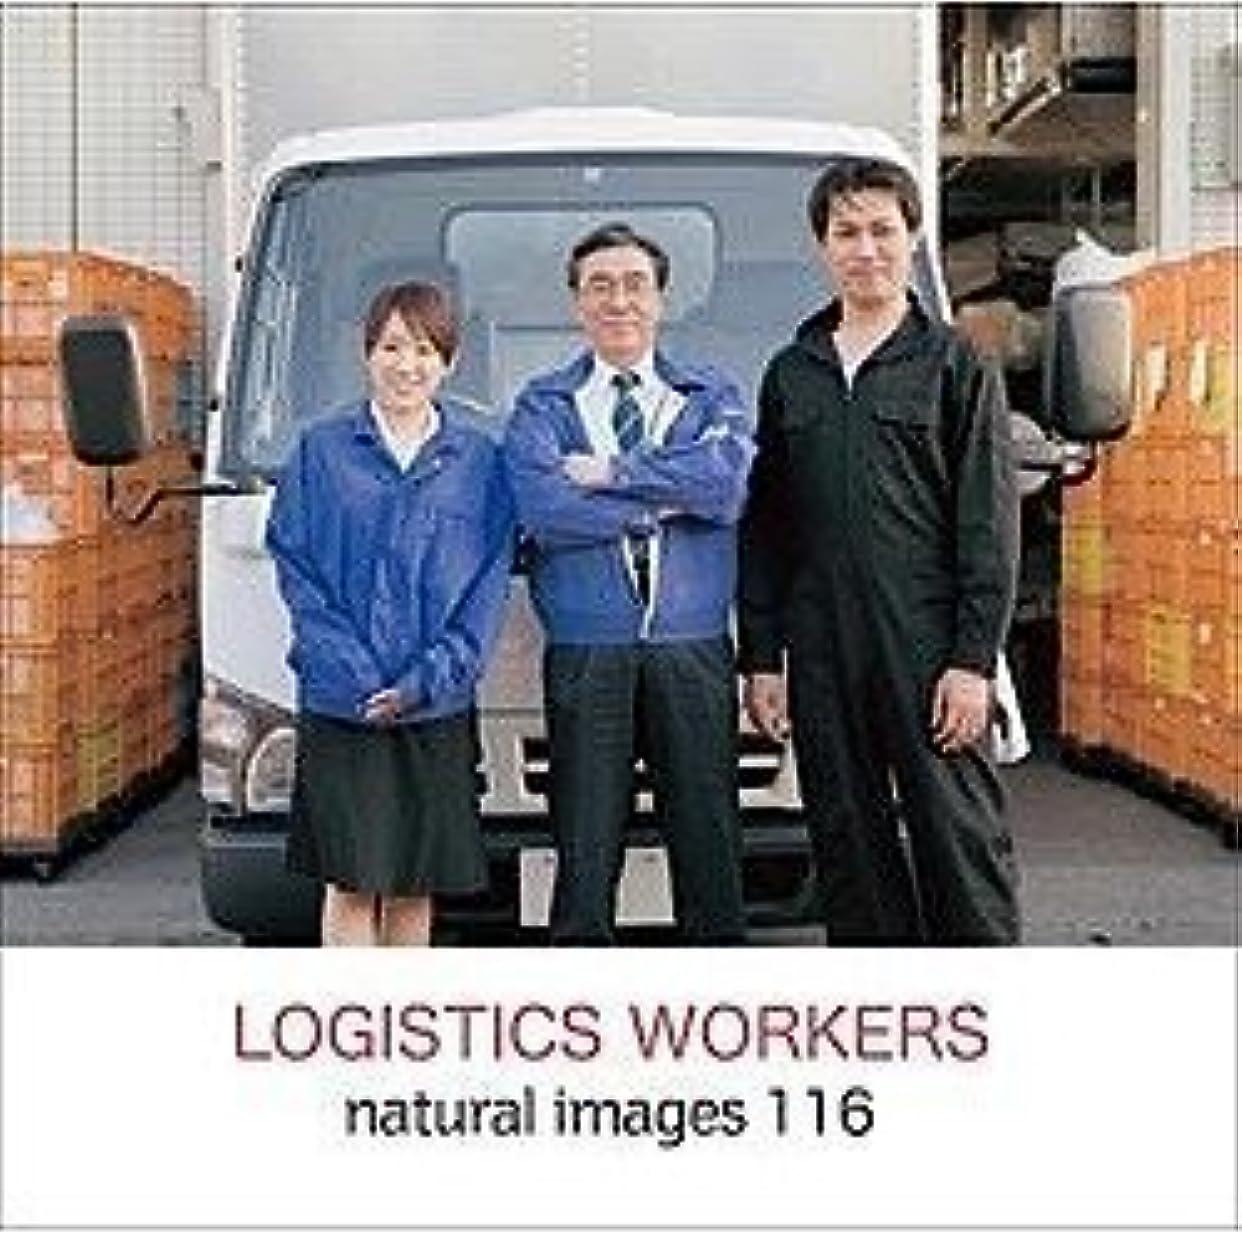 サドル理容師人口naturalimages Vol.116 LOGISTICS WORKERS